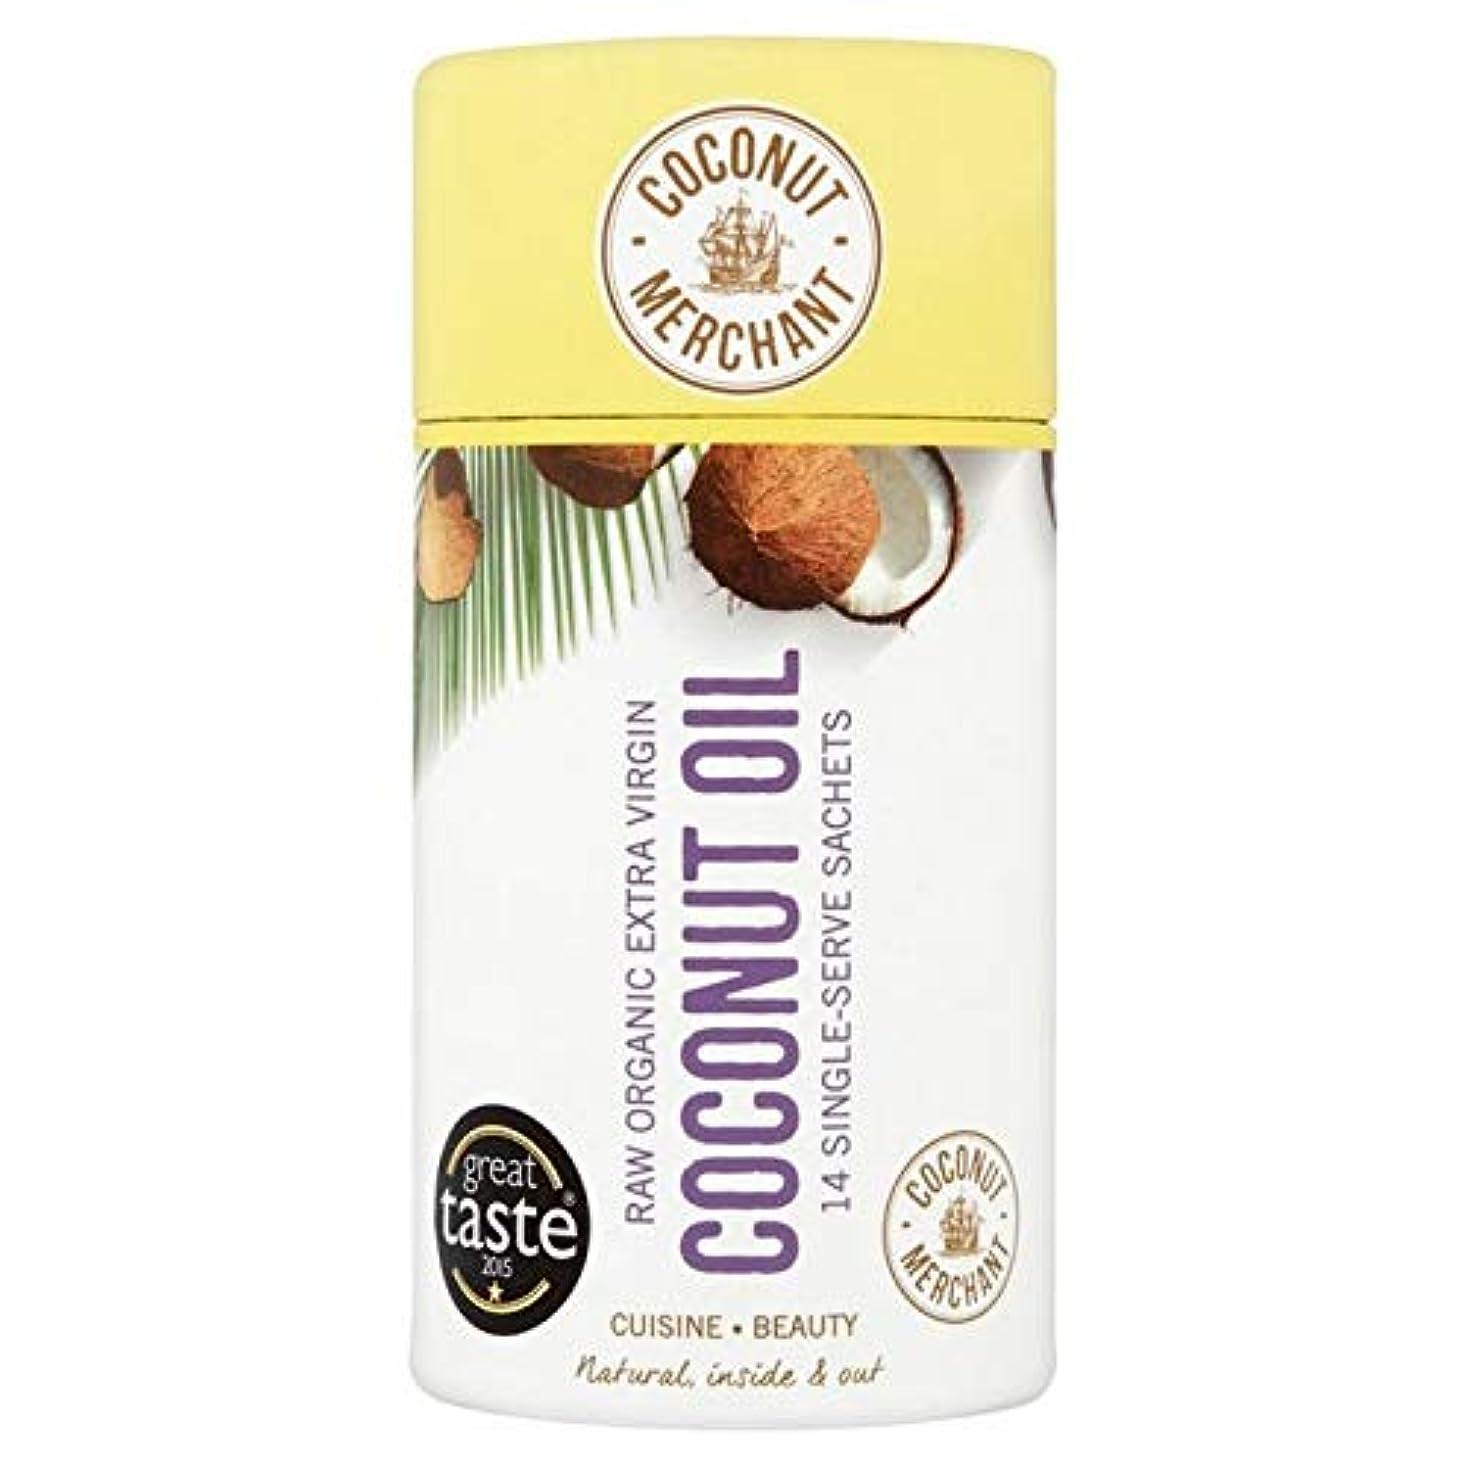 ファンシー旋律的ユダヤ人[Coconut Merchant ] ココナッツ商人有機ココナッツオイル引っ張っキット14のX 10ミリリットル - Coconut Merchant Organic Coconut Oil Pulling Kit 14 x 10ml [並行輸入品]